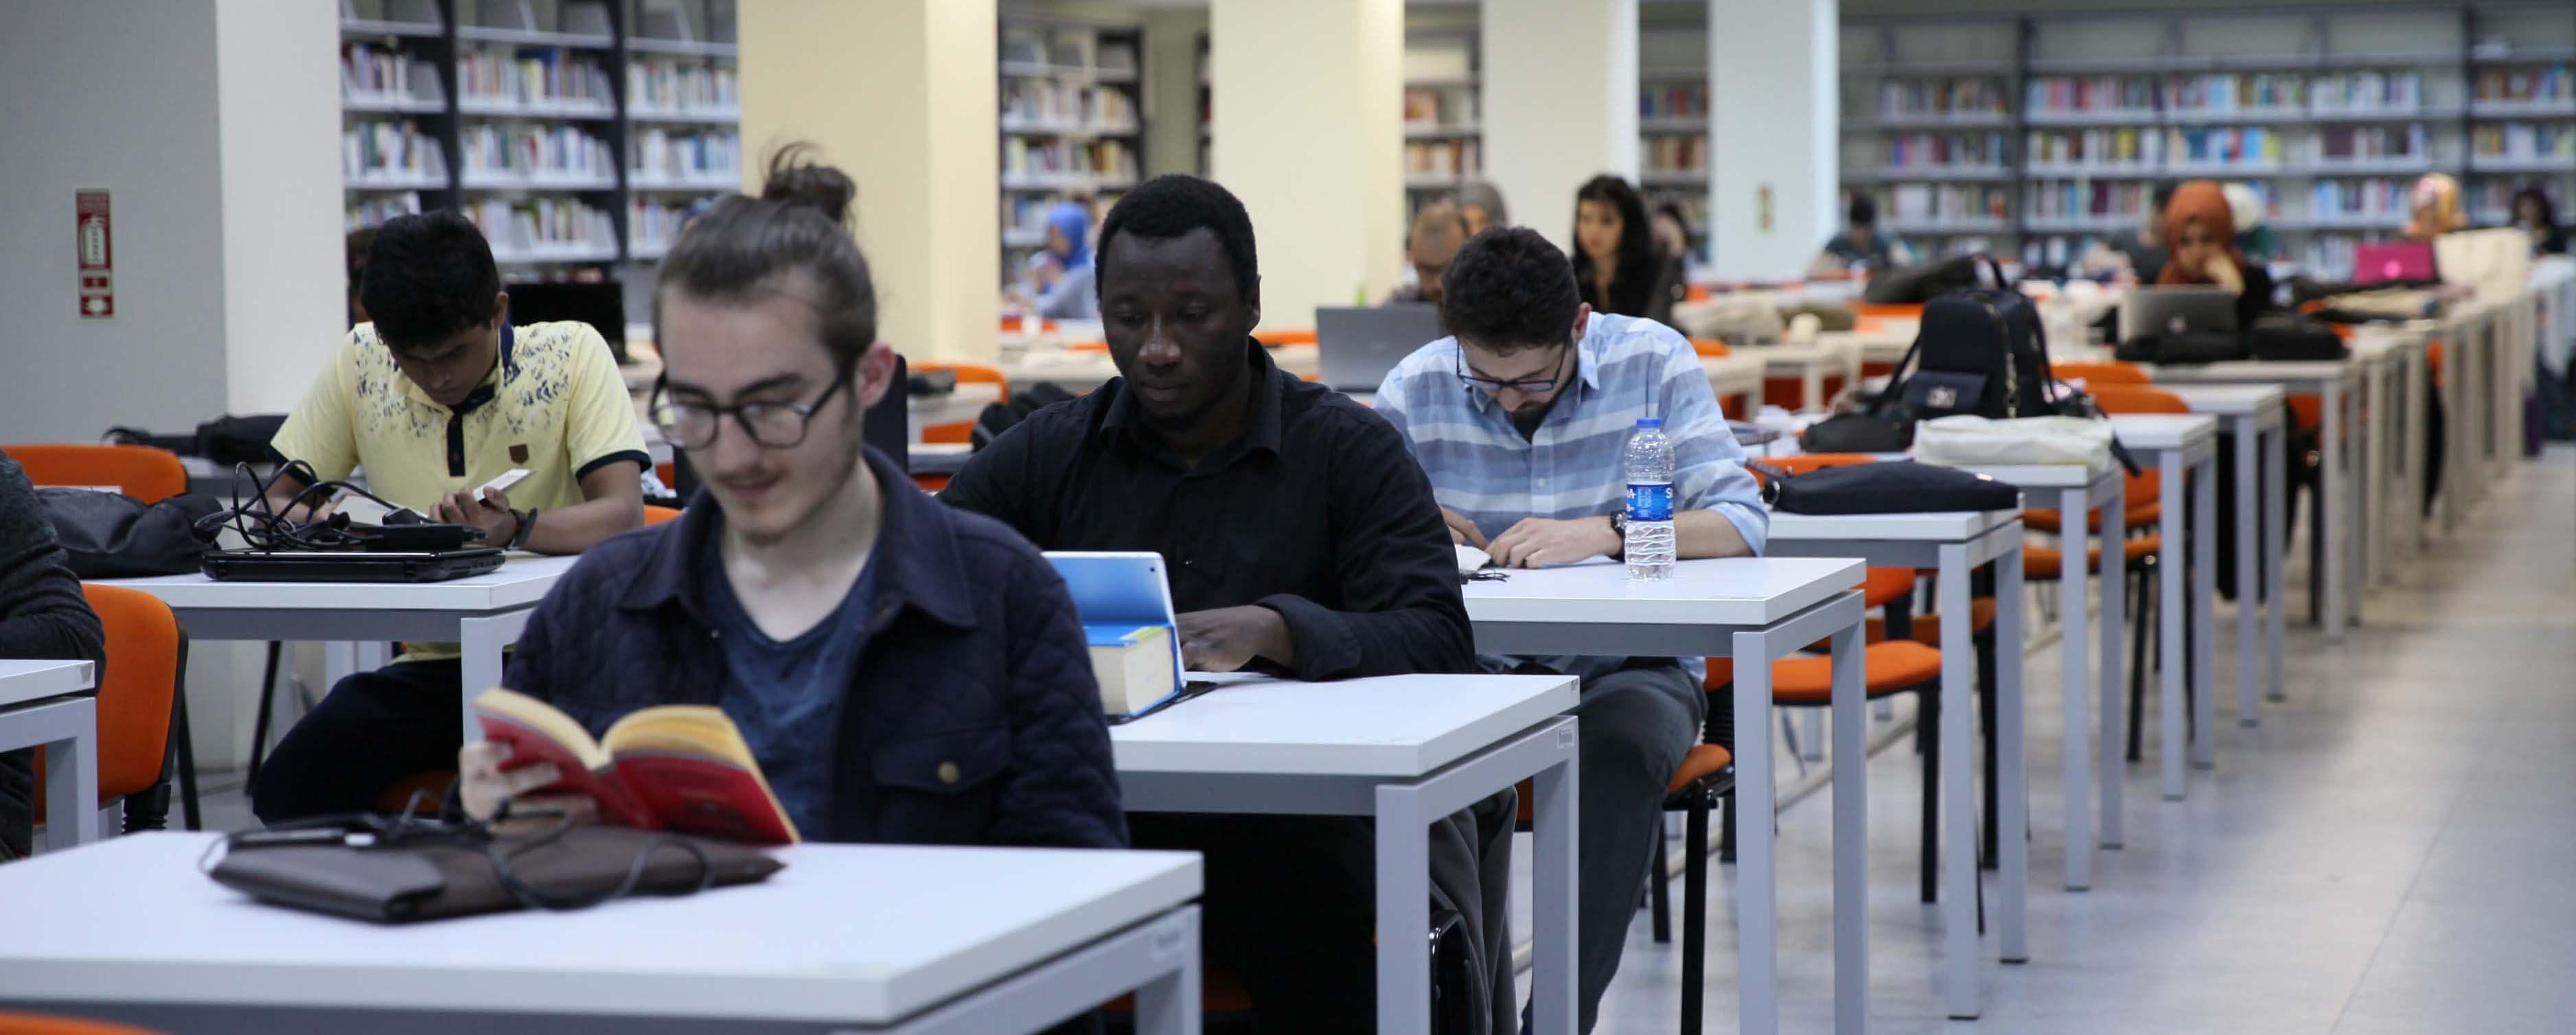 İstanbul 29 Mayıs Üniversitesi Kütüphanede ders çalışan öğrenciler